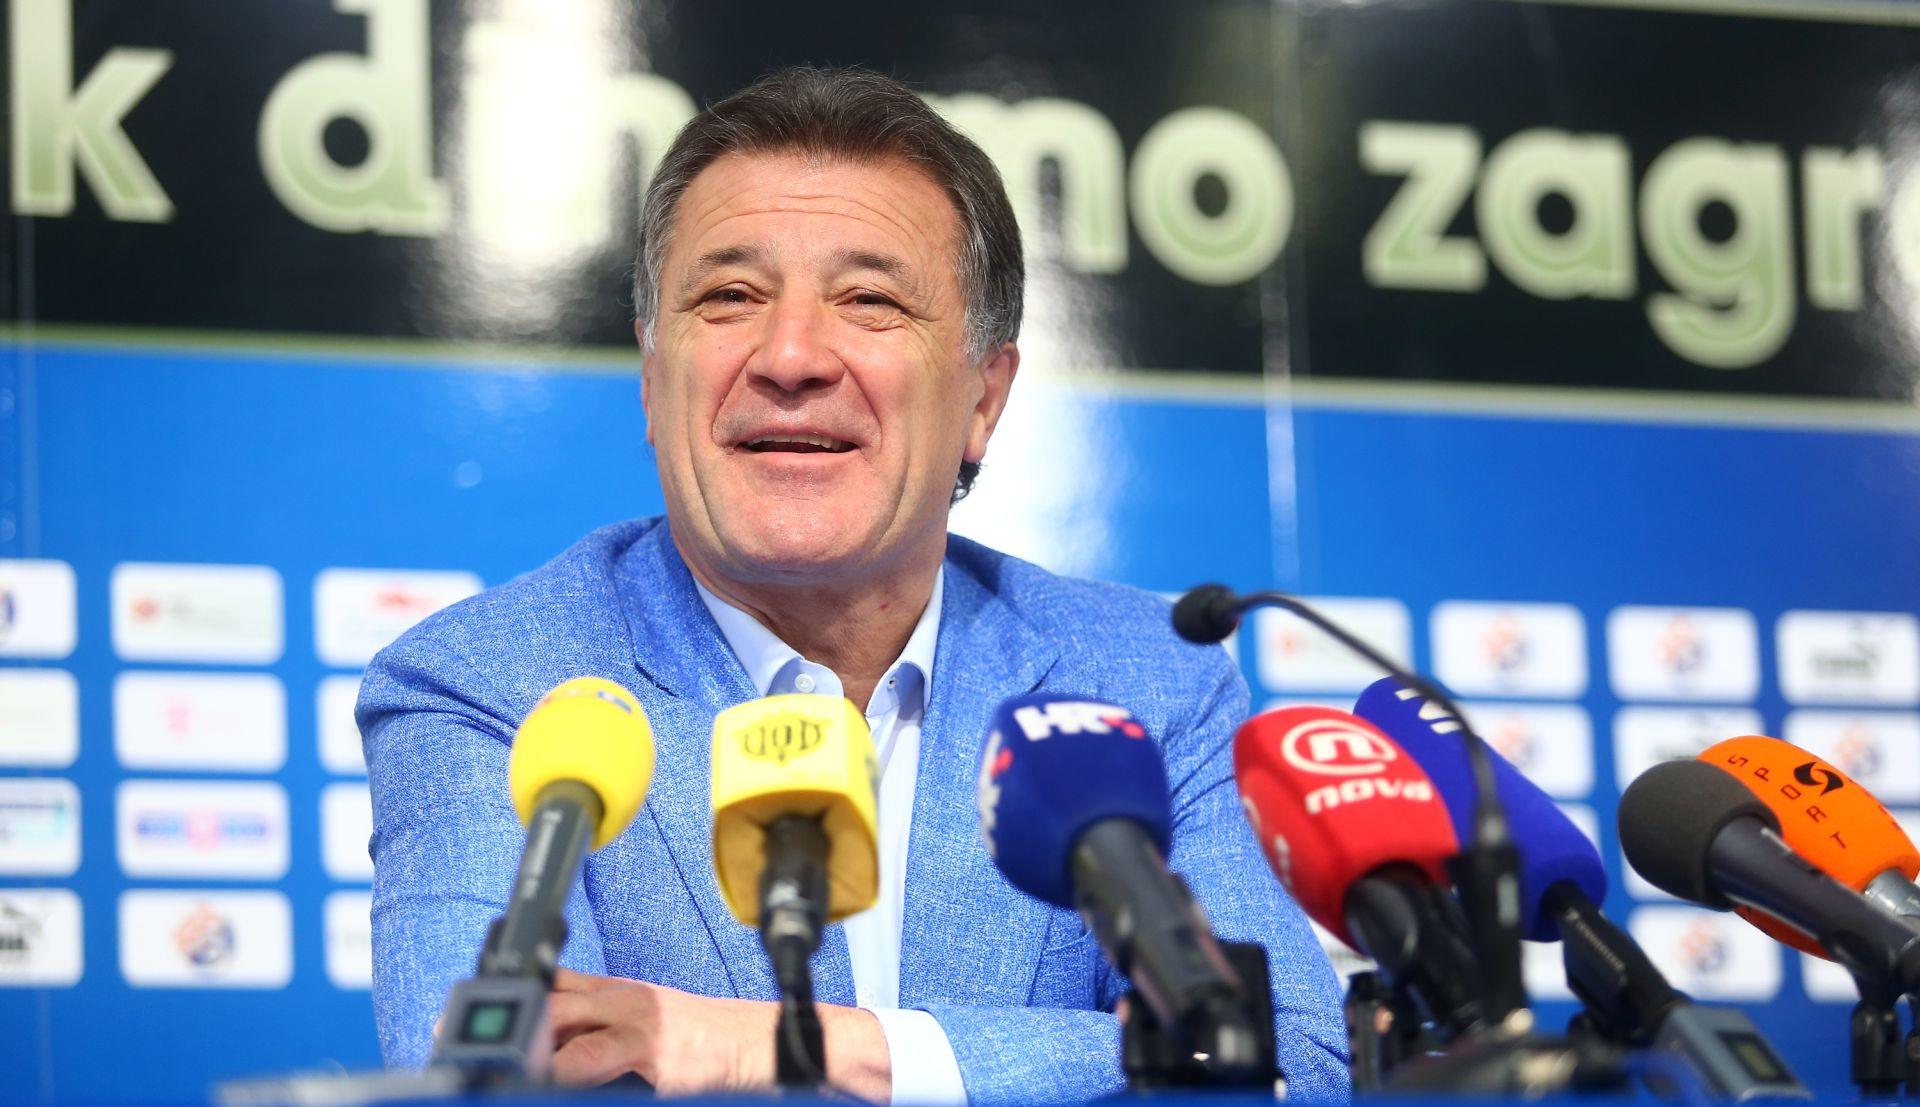 PRESSICA ZDRAVKA MAMIĆA Ćorić je budućnost Dinama, u preostalu 21 utakmicu predviđam 19 ili 20 pobjeda